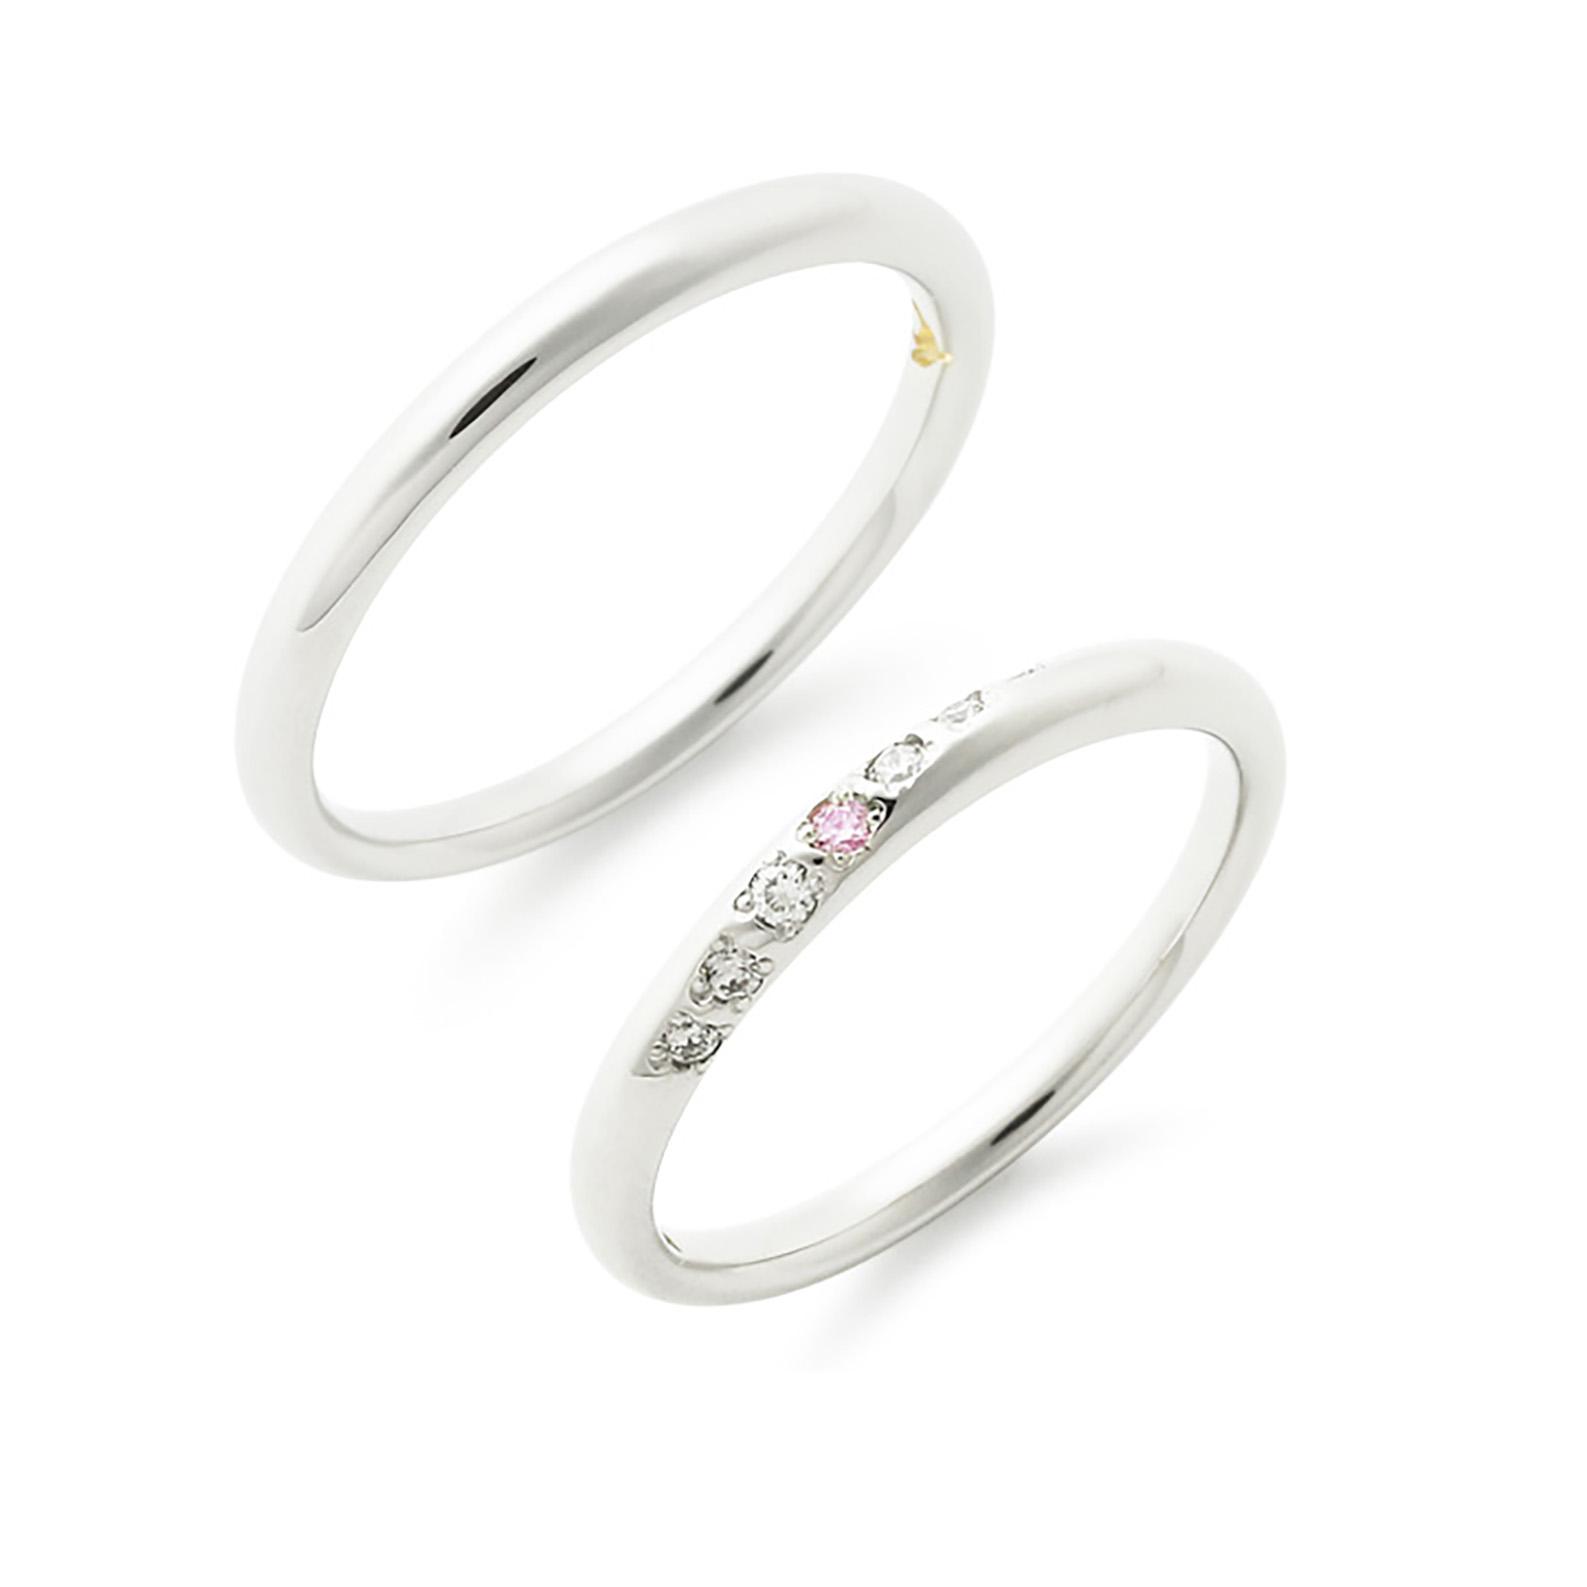 シンプルな細身のストレートリングに斜めにキラキラとメレダイヤモンドが入った人気結婚指輪(マリッジリング)センターには天然ピンクダイヤモンドを使用しています